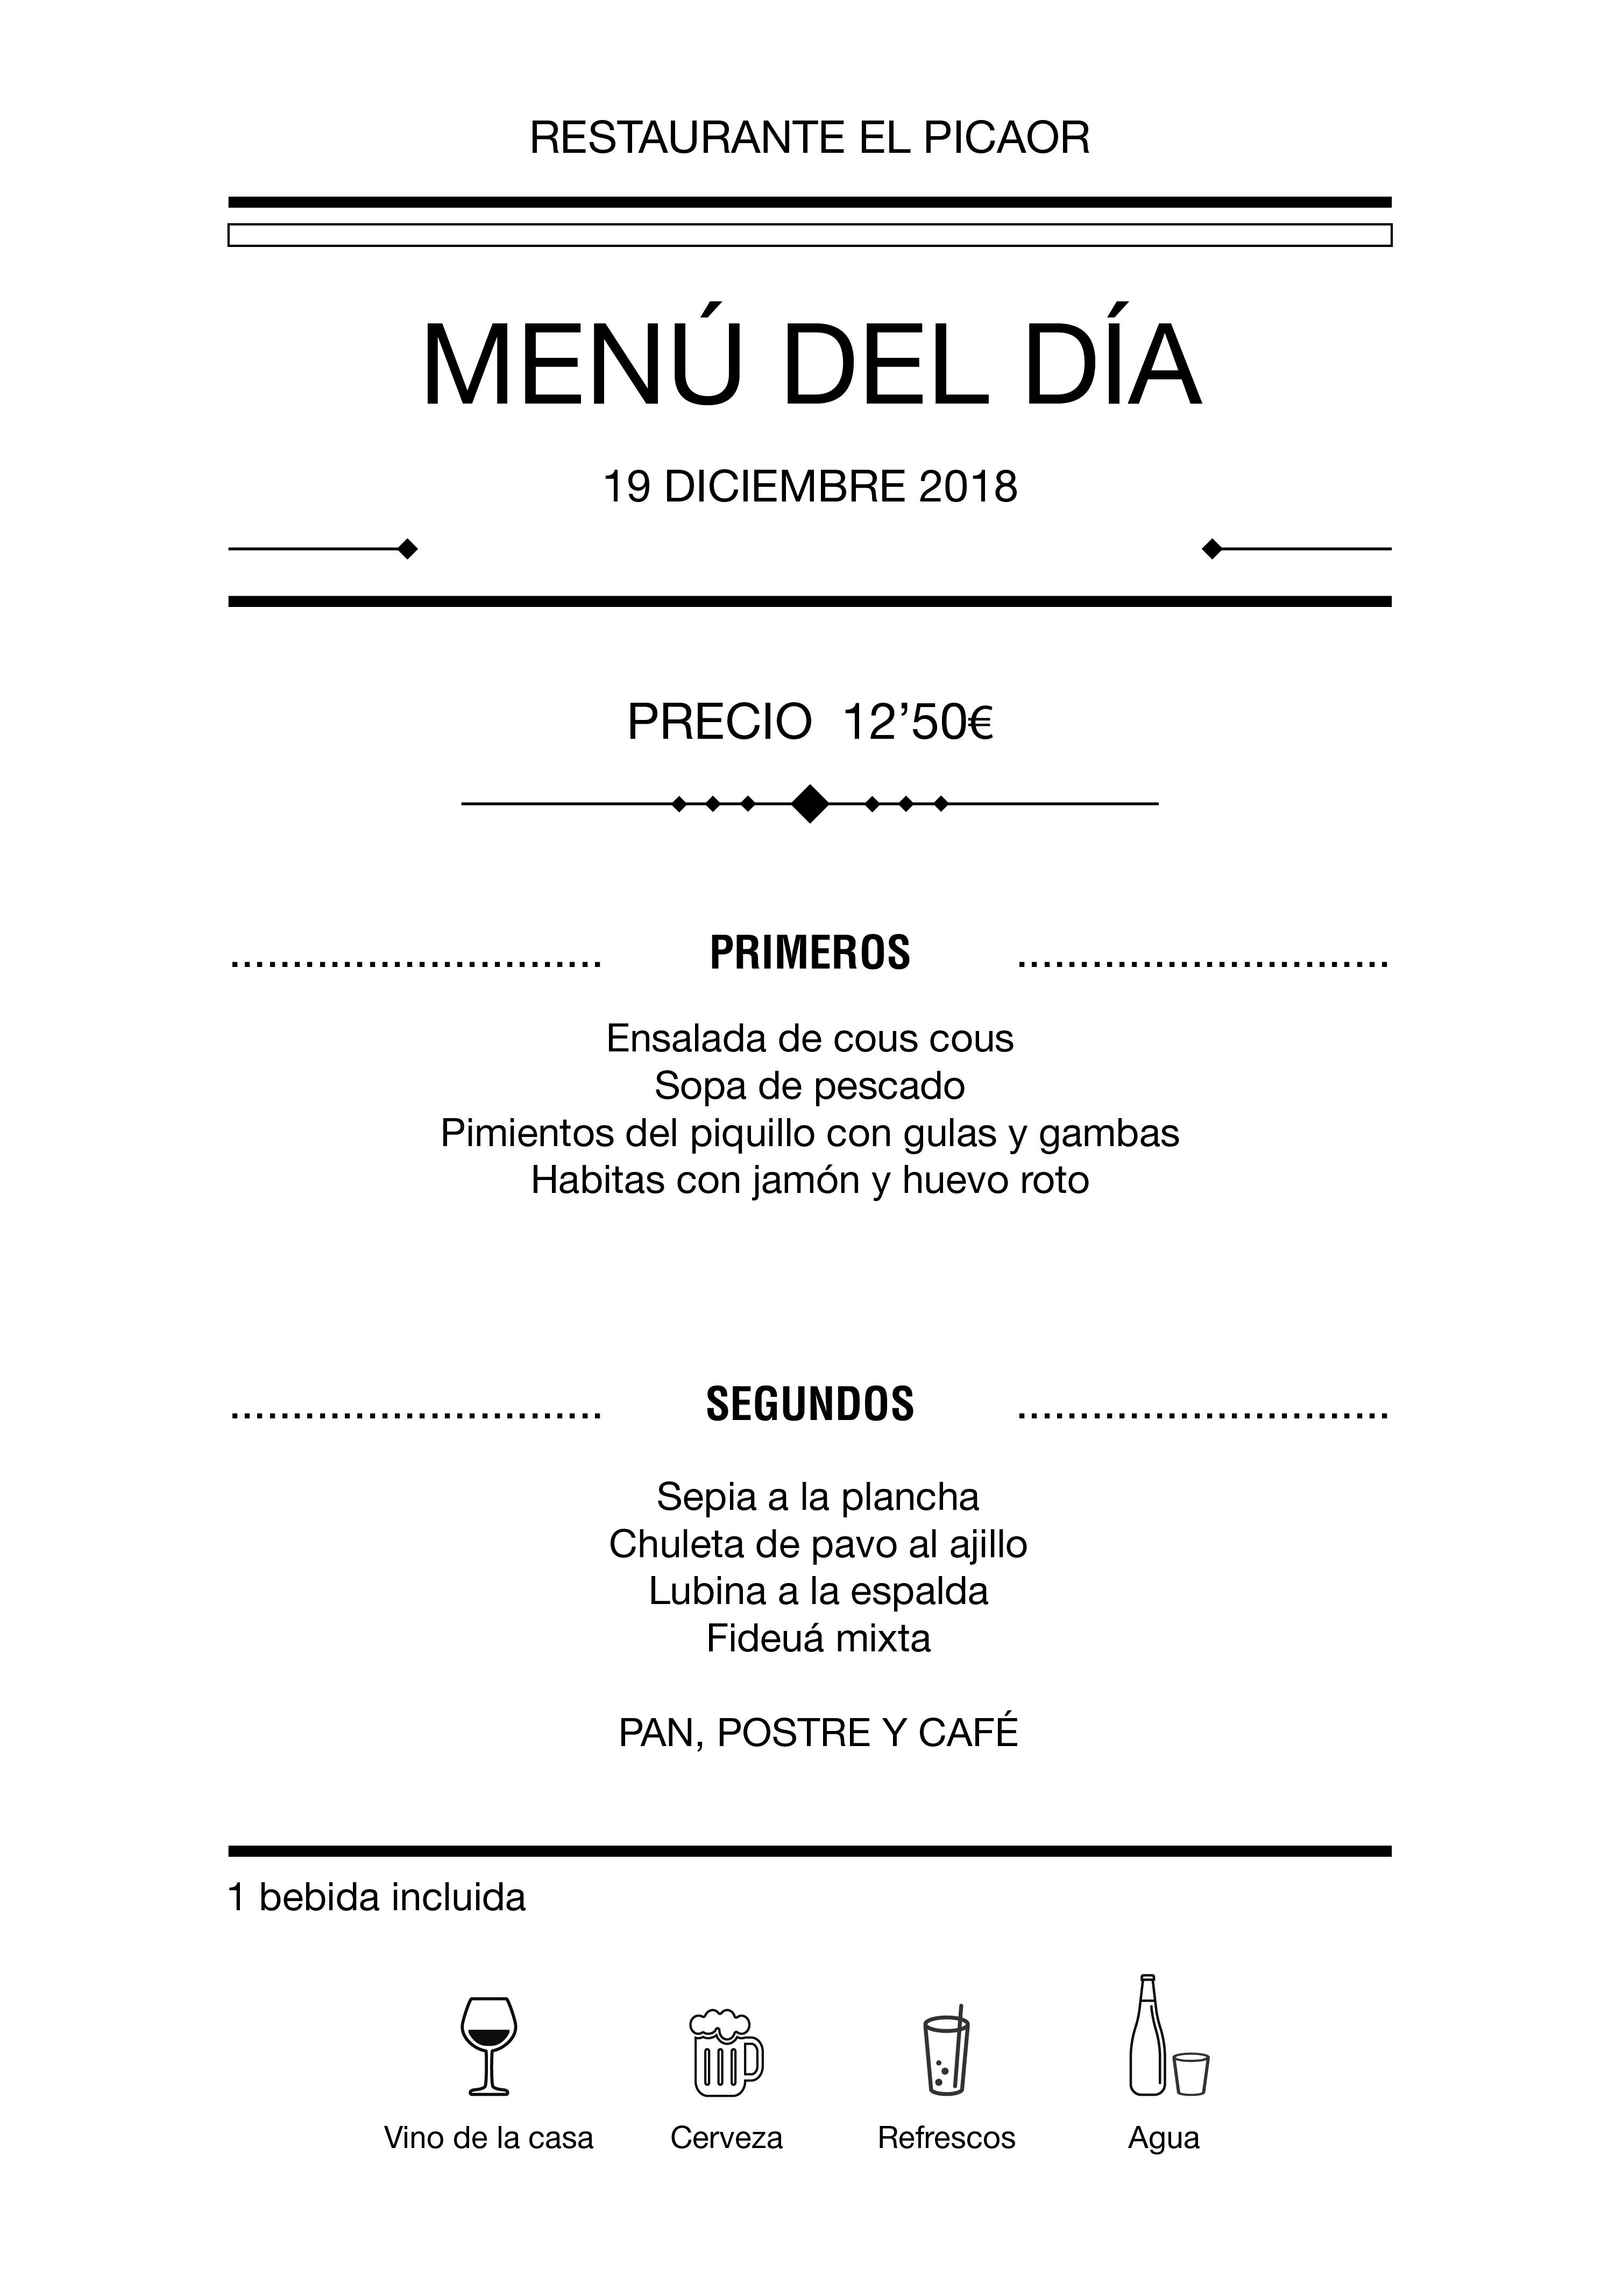 Menú diario El Picaor 19/12/18